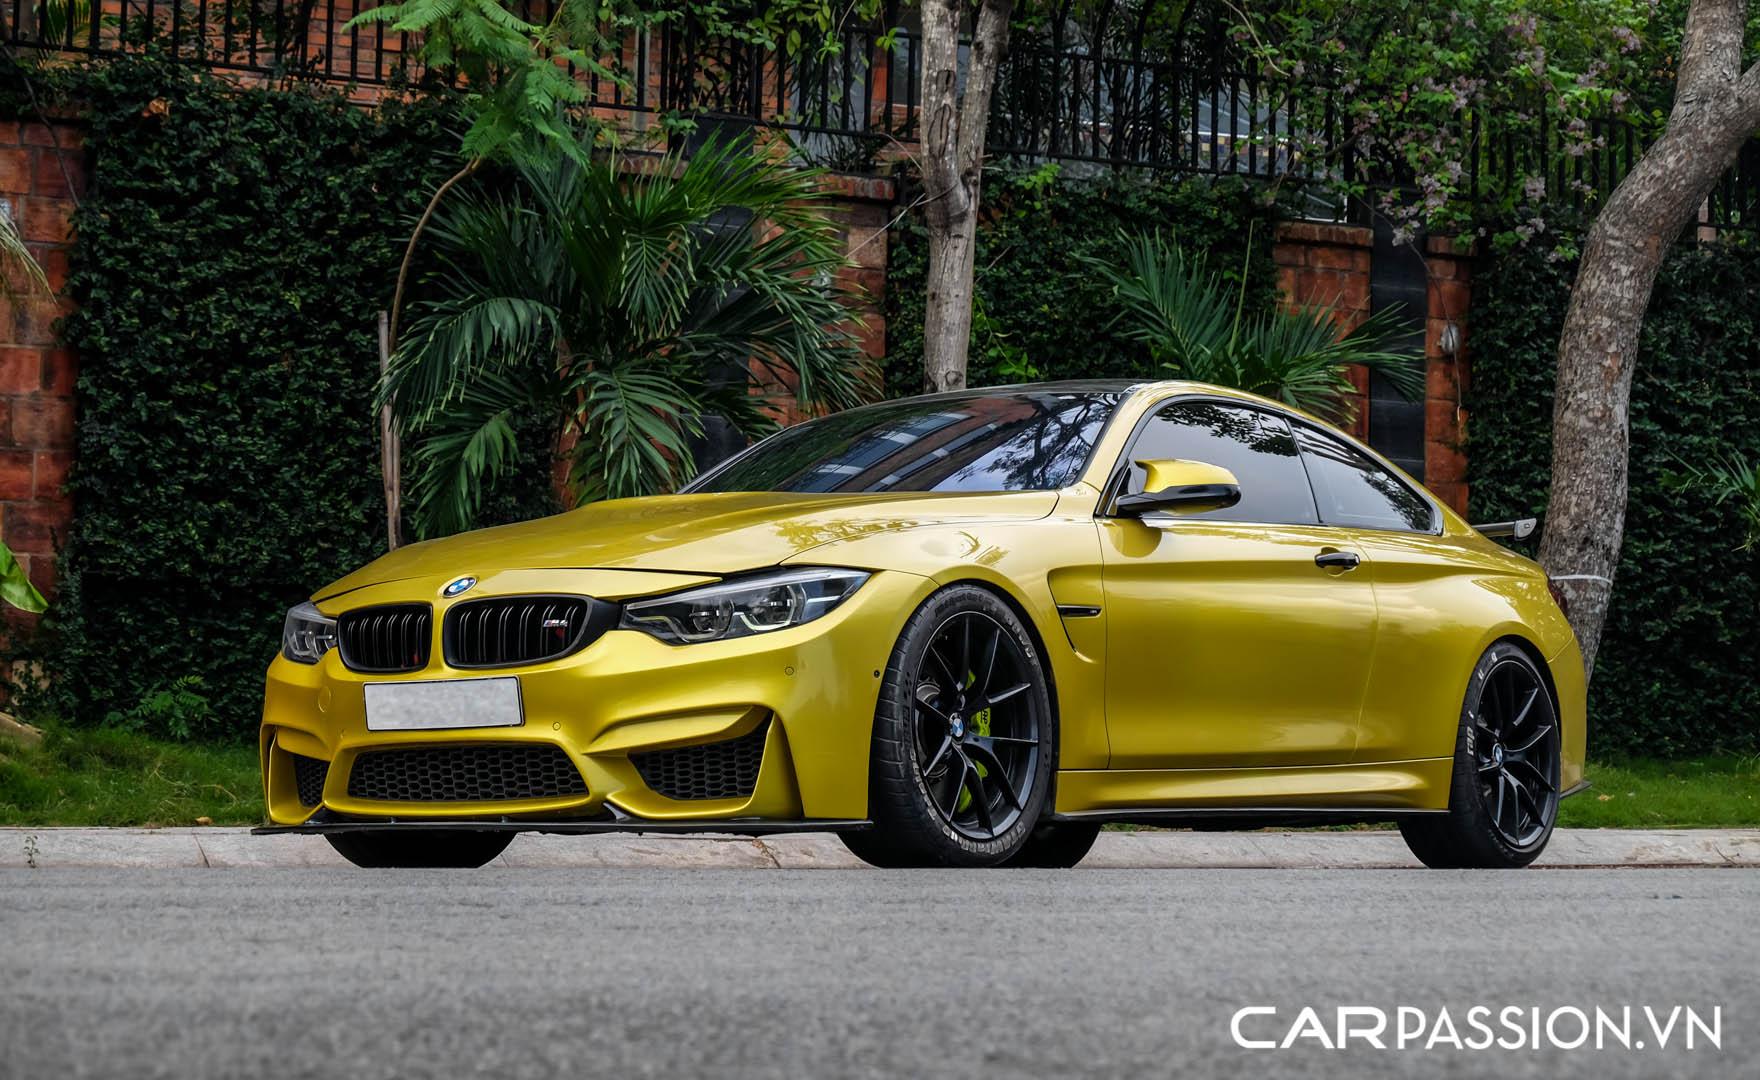 CP-BMW M4 F8 được rao bán (9).jpg